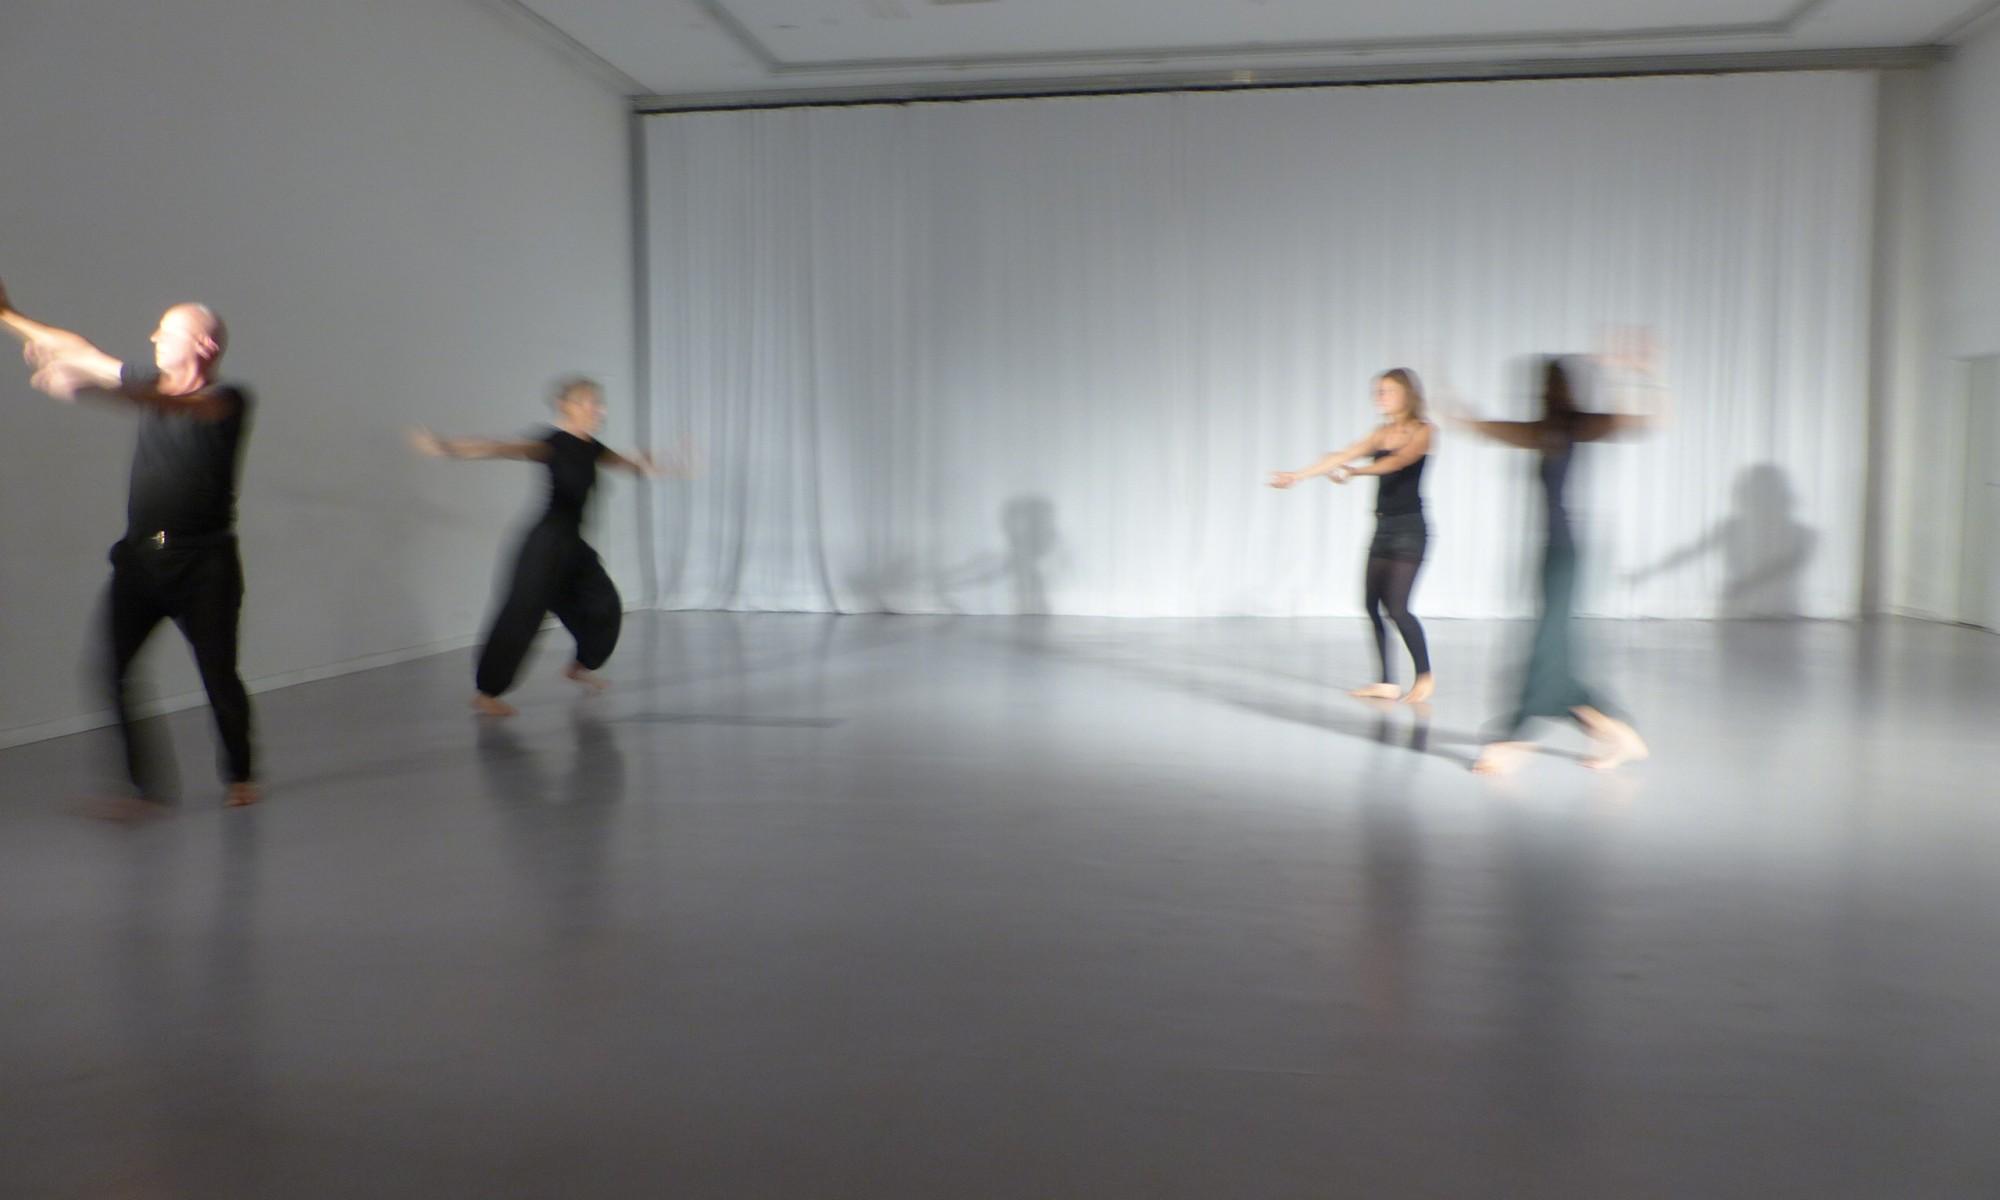 bewegung.(theater)spiel.improvisation